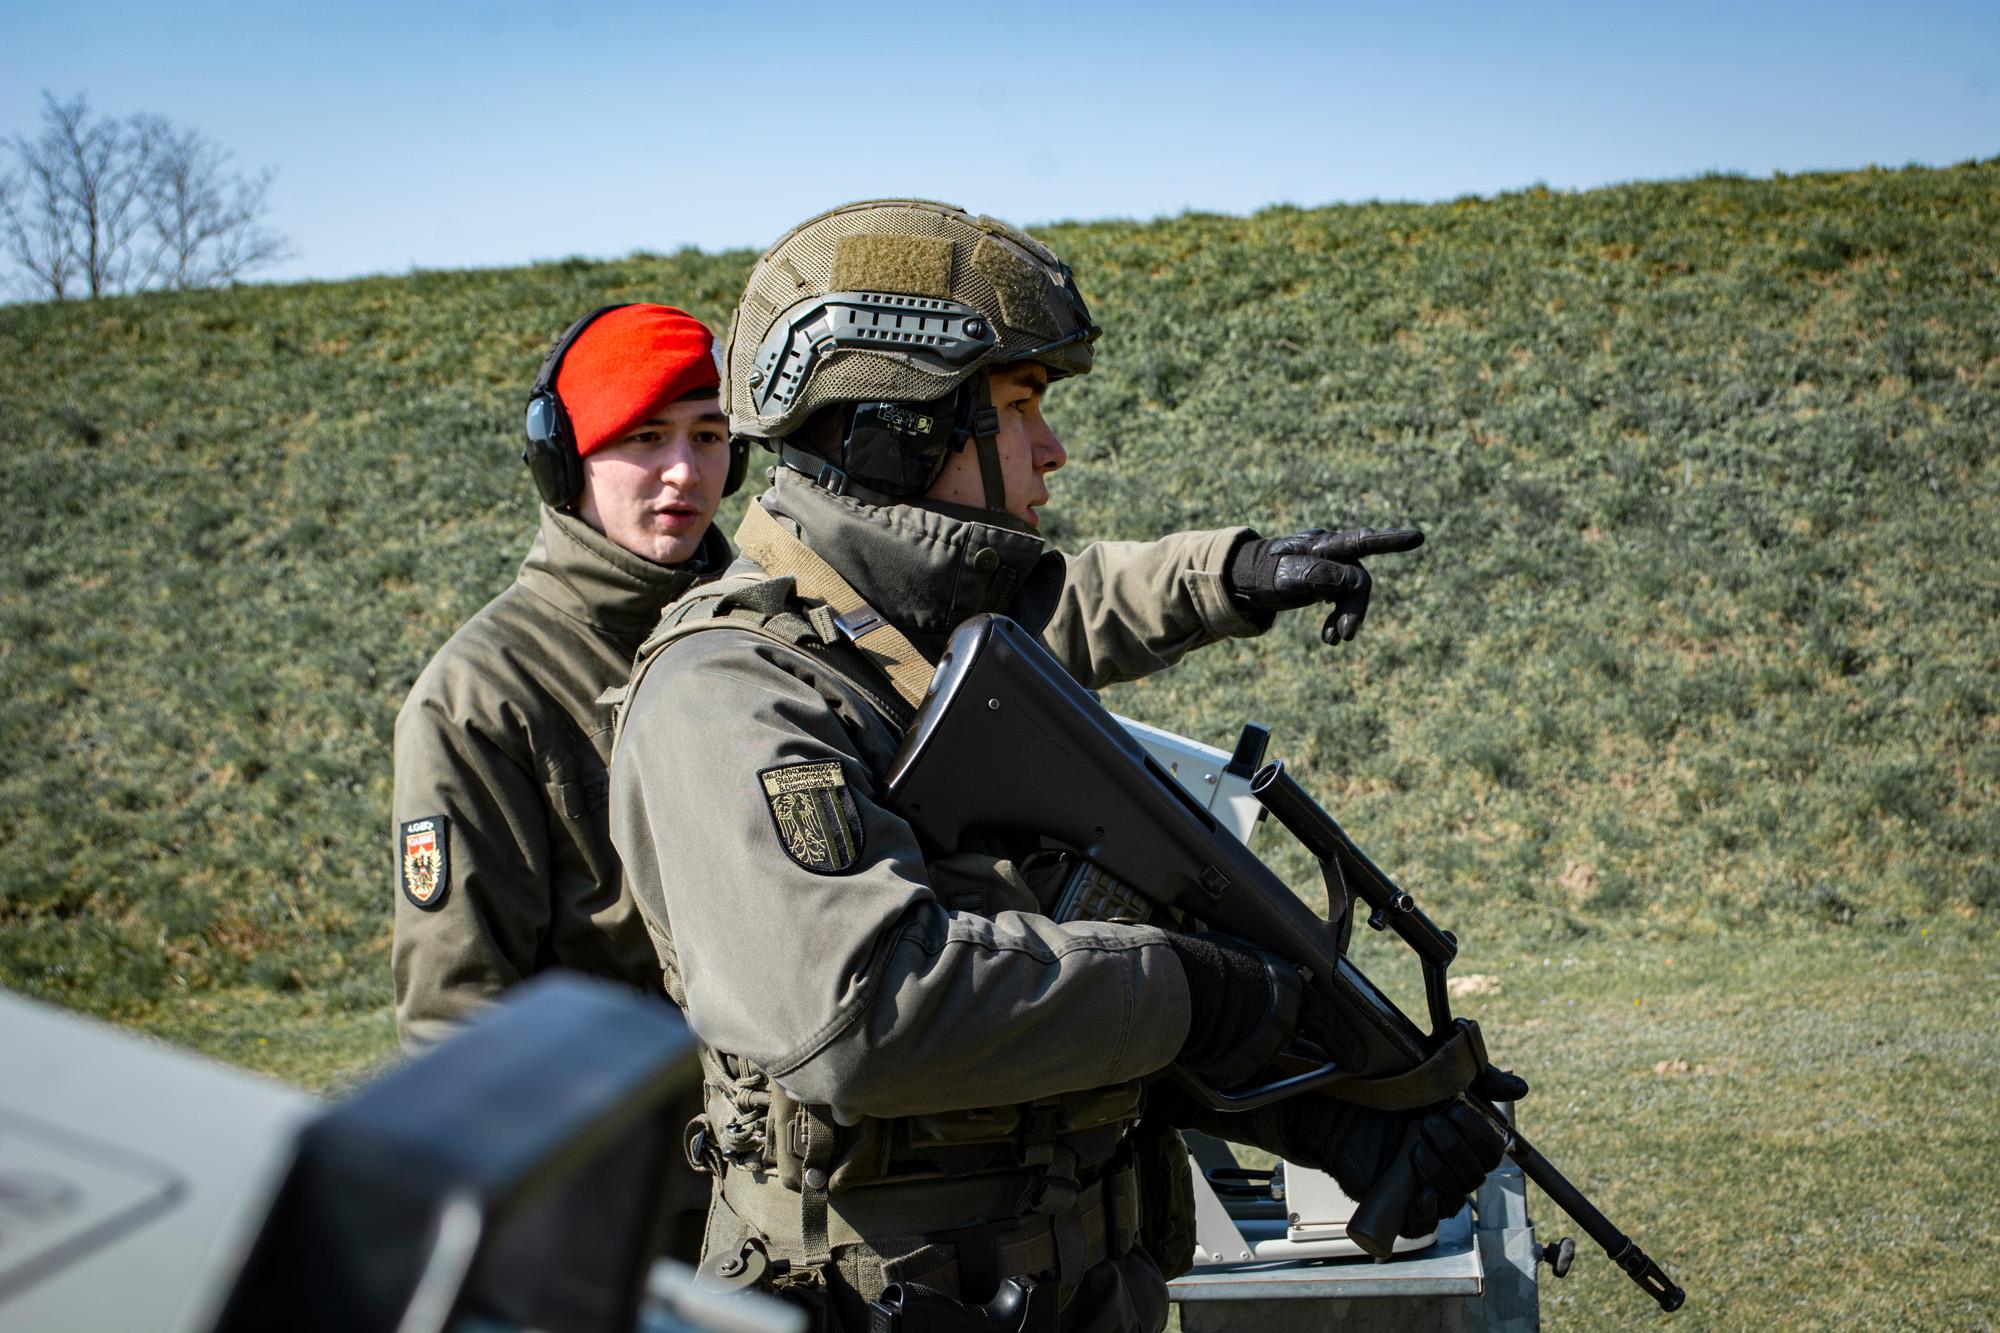 2020_03_24_Garde_GdMus__Einsatzvorbereitung-Covid19-Scharfschießen_Garde_2